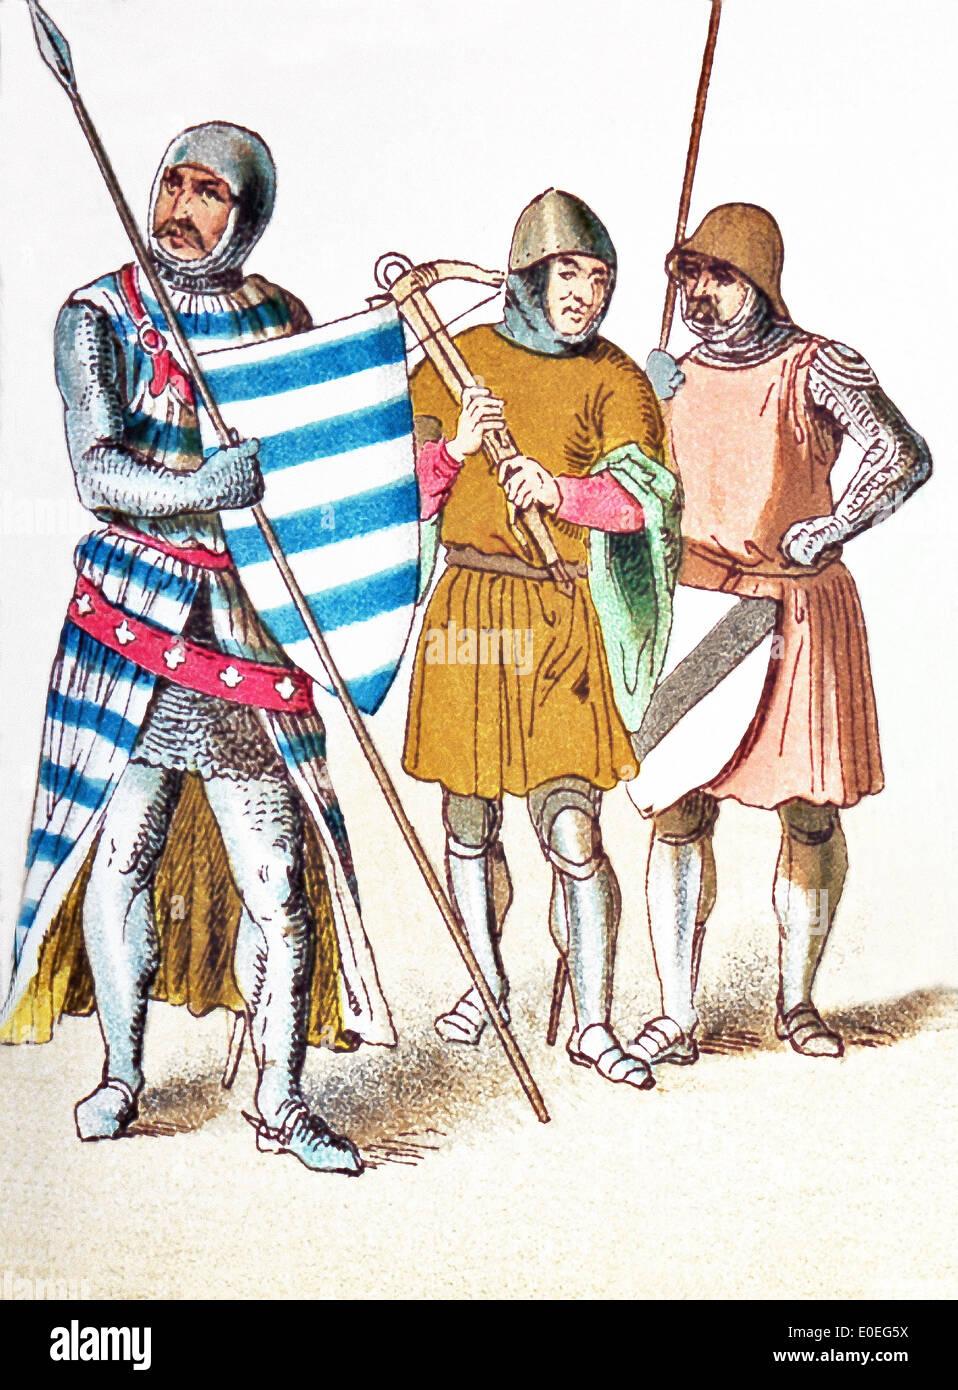 Il popolo inglese qui rappresentate sono: un cavaliere nel 1333, un cross-bow uomo nel 1376, e un cavaliere. Immagini Stock